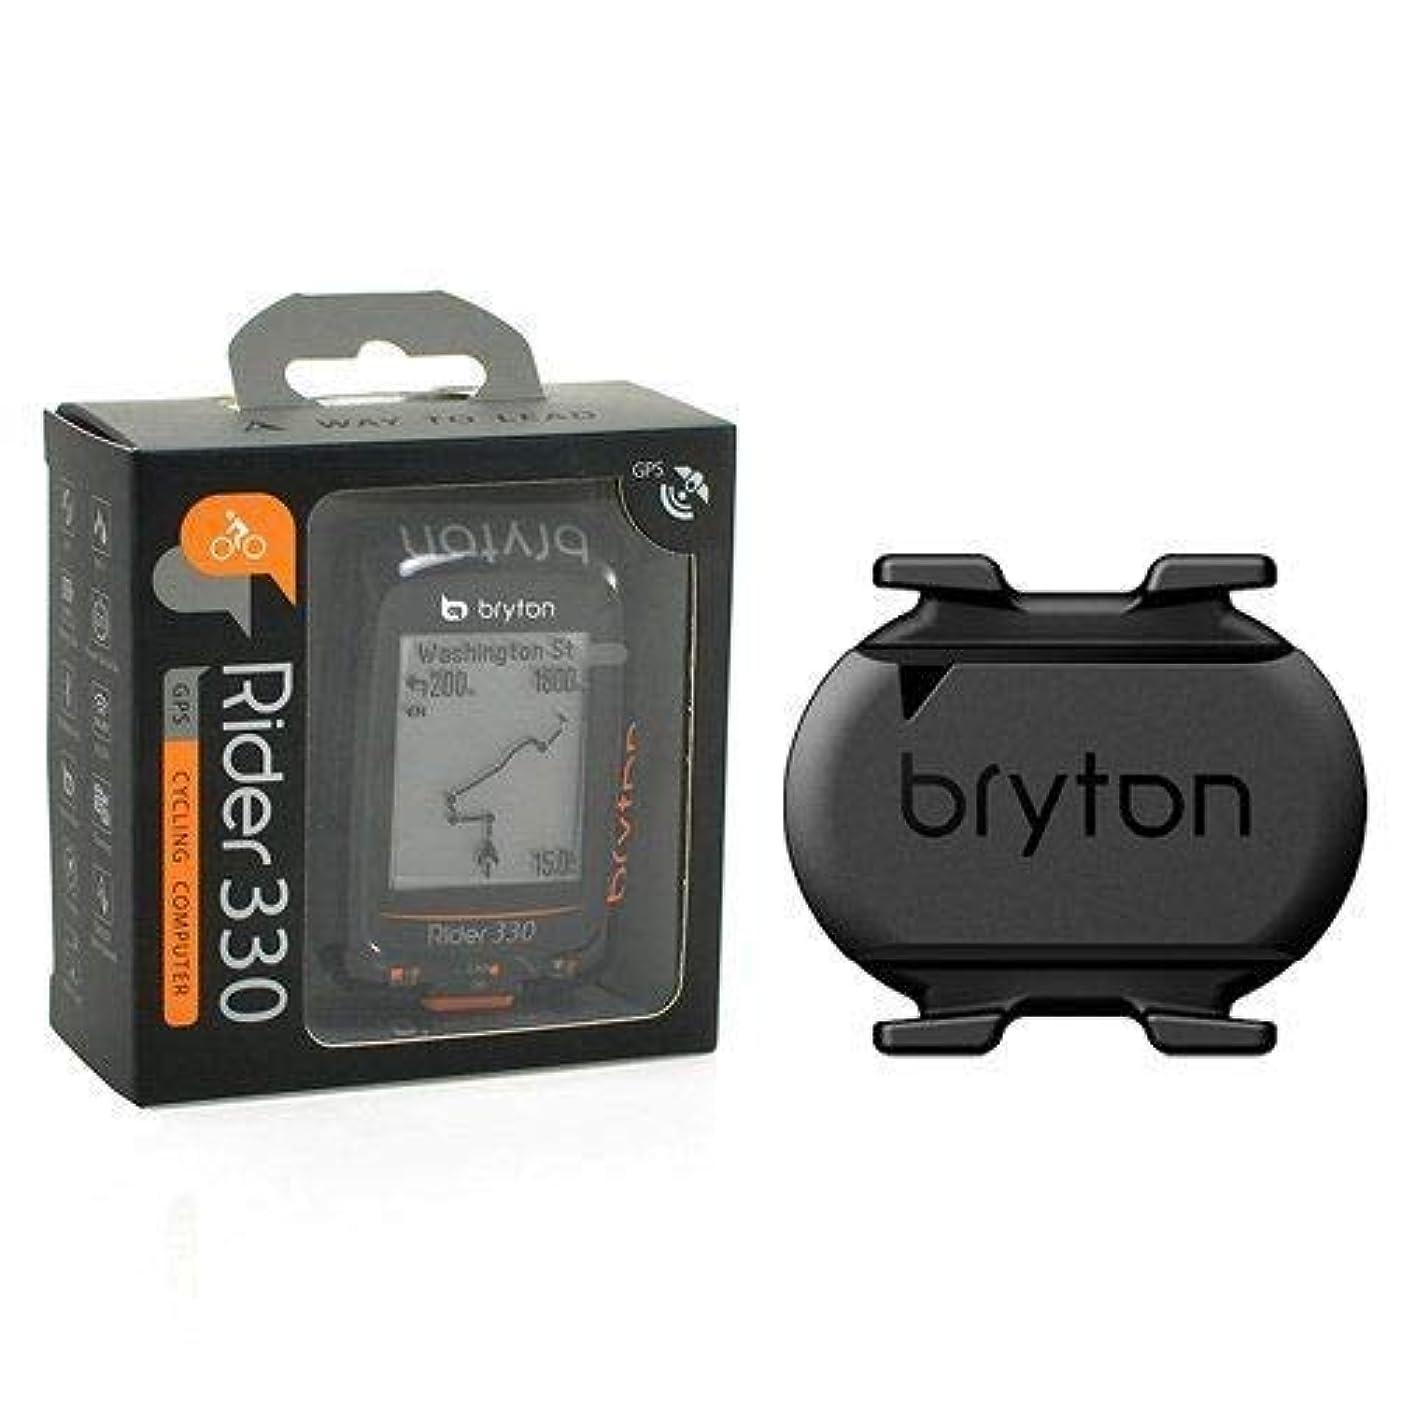 必要ない合理化楽しませるBryton Rider 330C GPS ANT+/ BLE Cycling Computer/Cadence Sensor & Bike Mount #TB2771-self